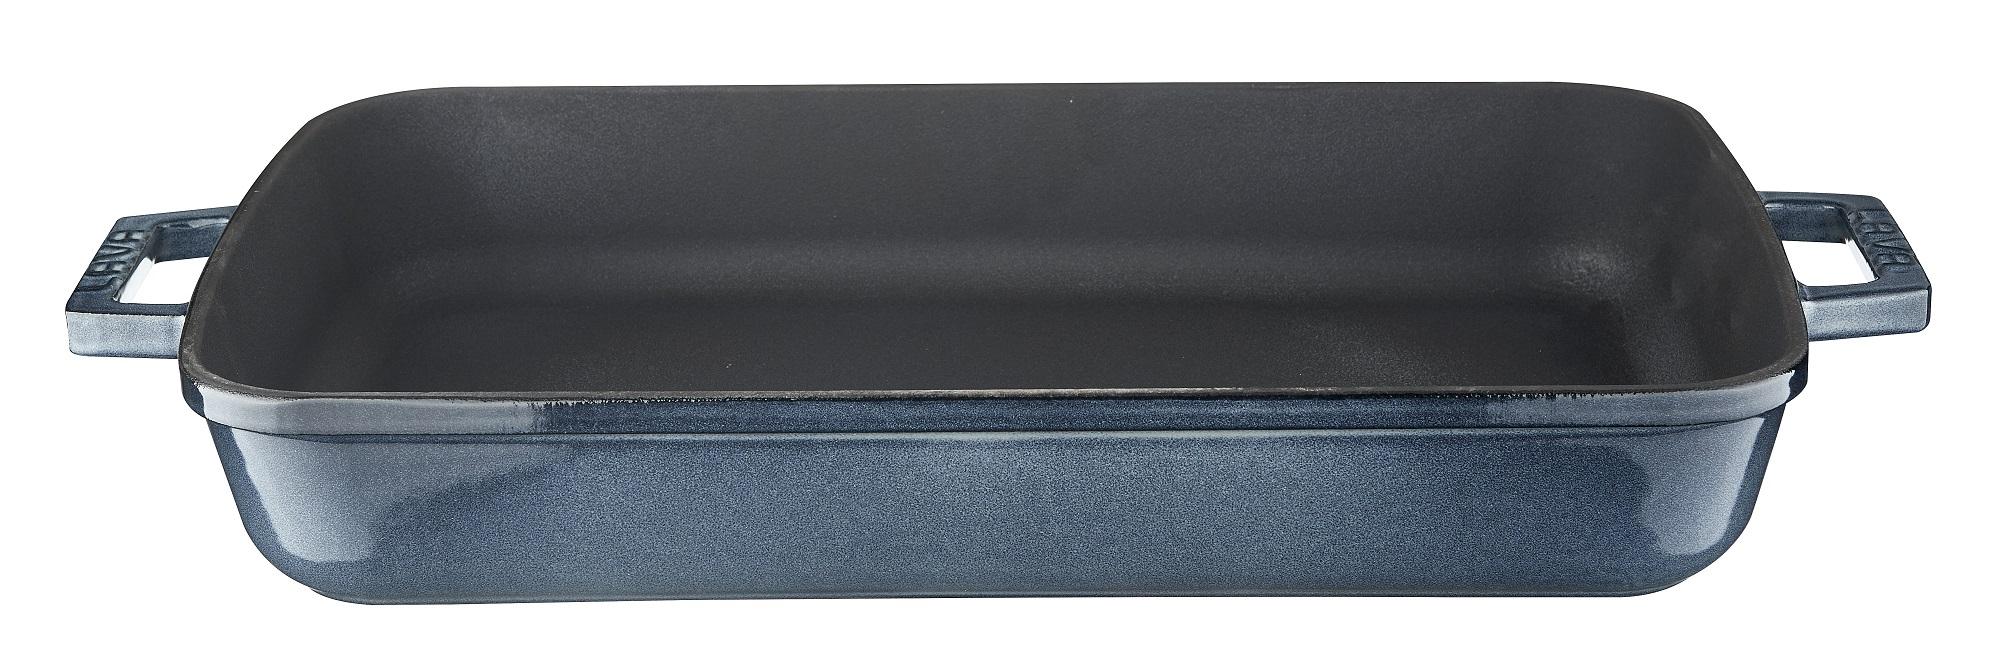 LAVA METAL Litinový pekáč 26x40 cm - šedá majolika